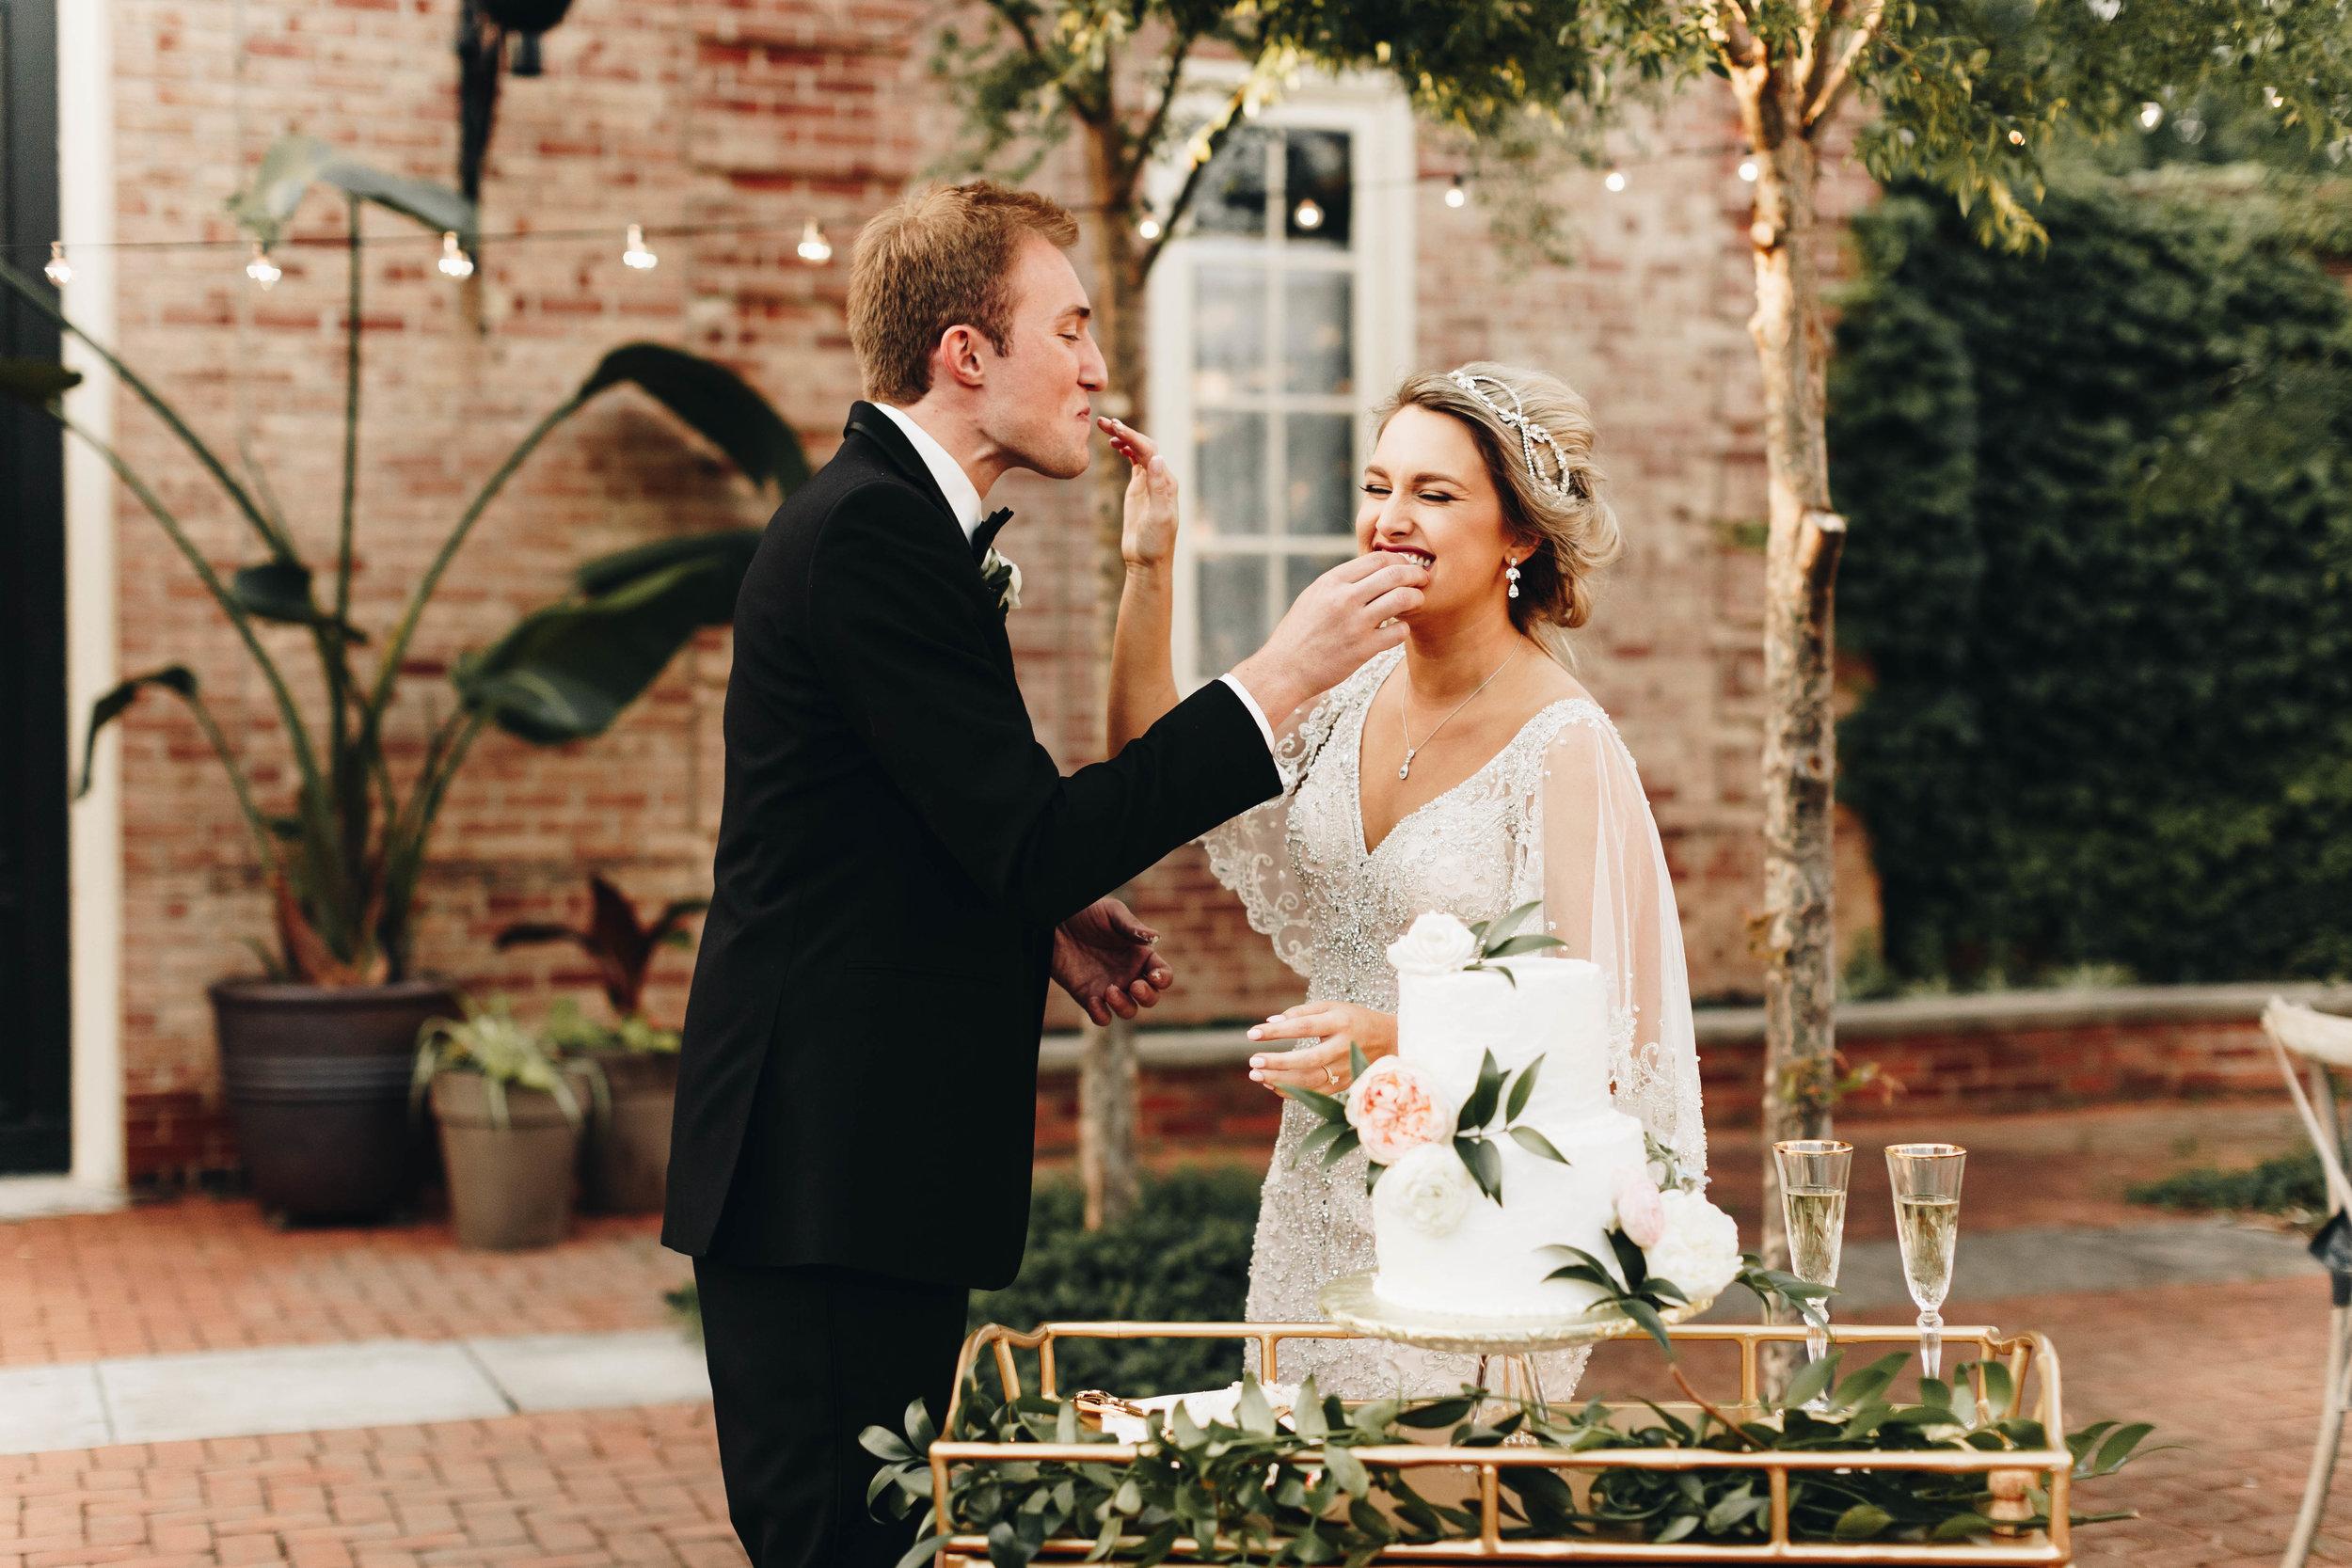 Cincinnati+wedding+photographer-69.jpeg